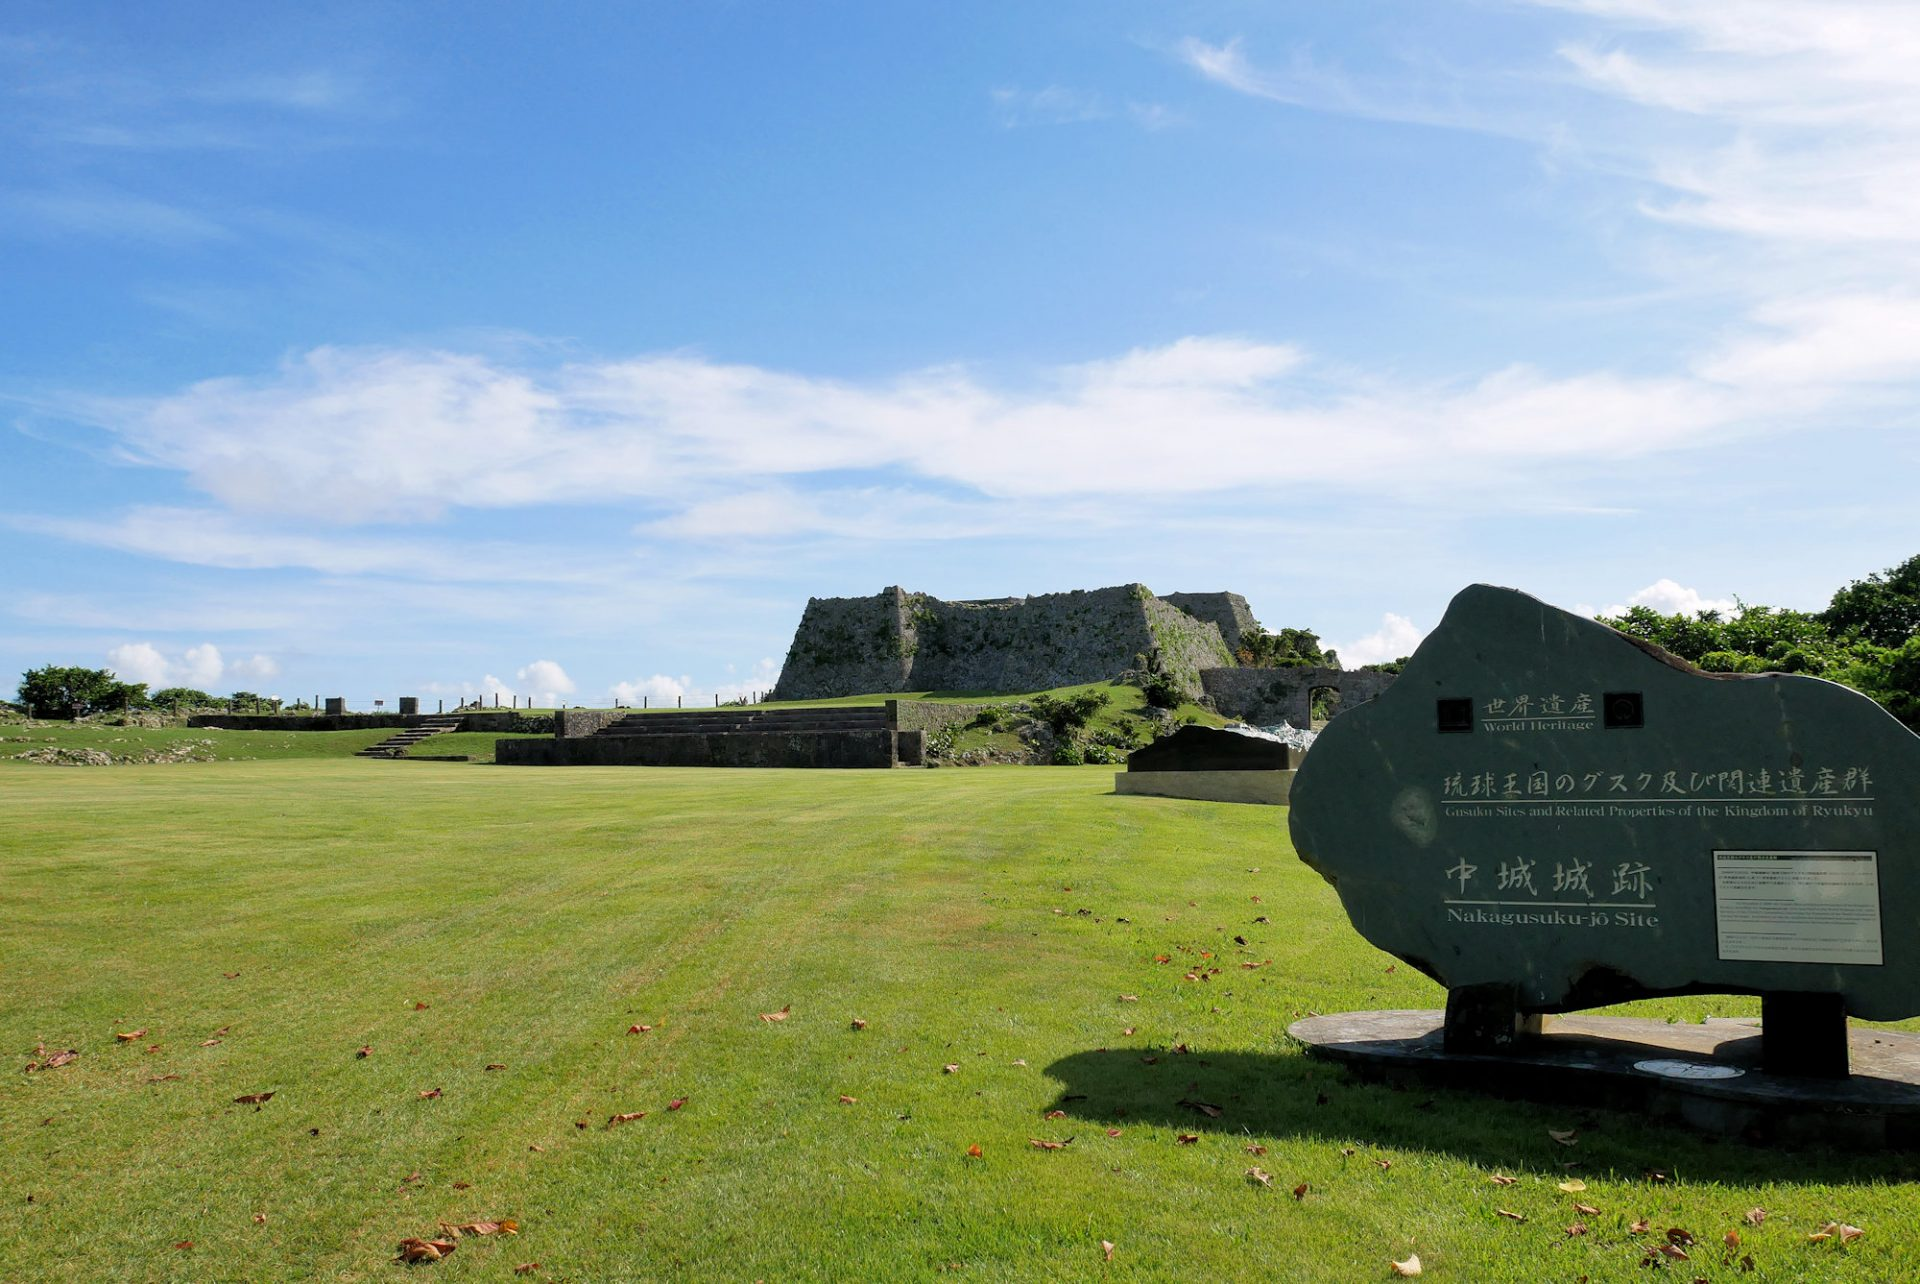 中城村 世界遺産 中城城跡 沖縄 観光 旅行 歴史